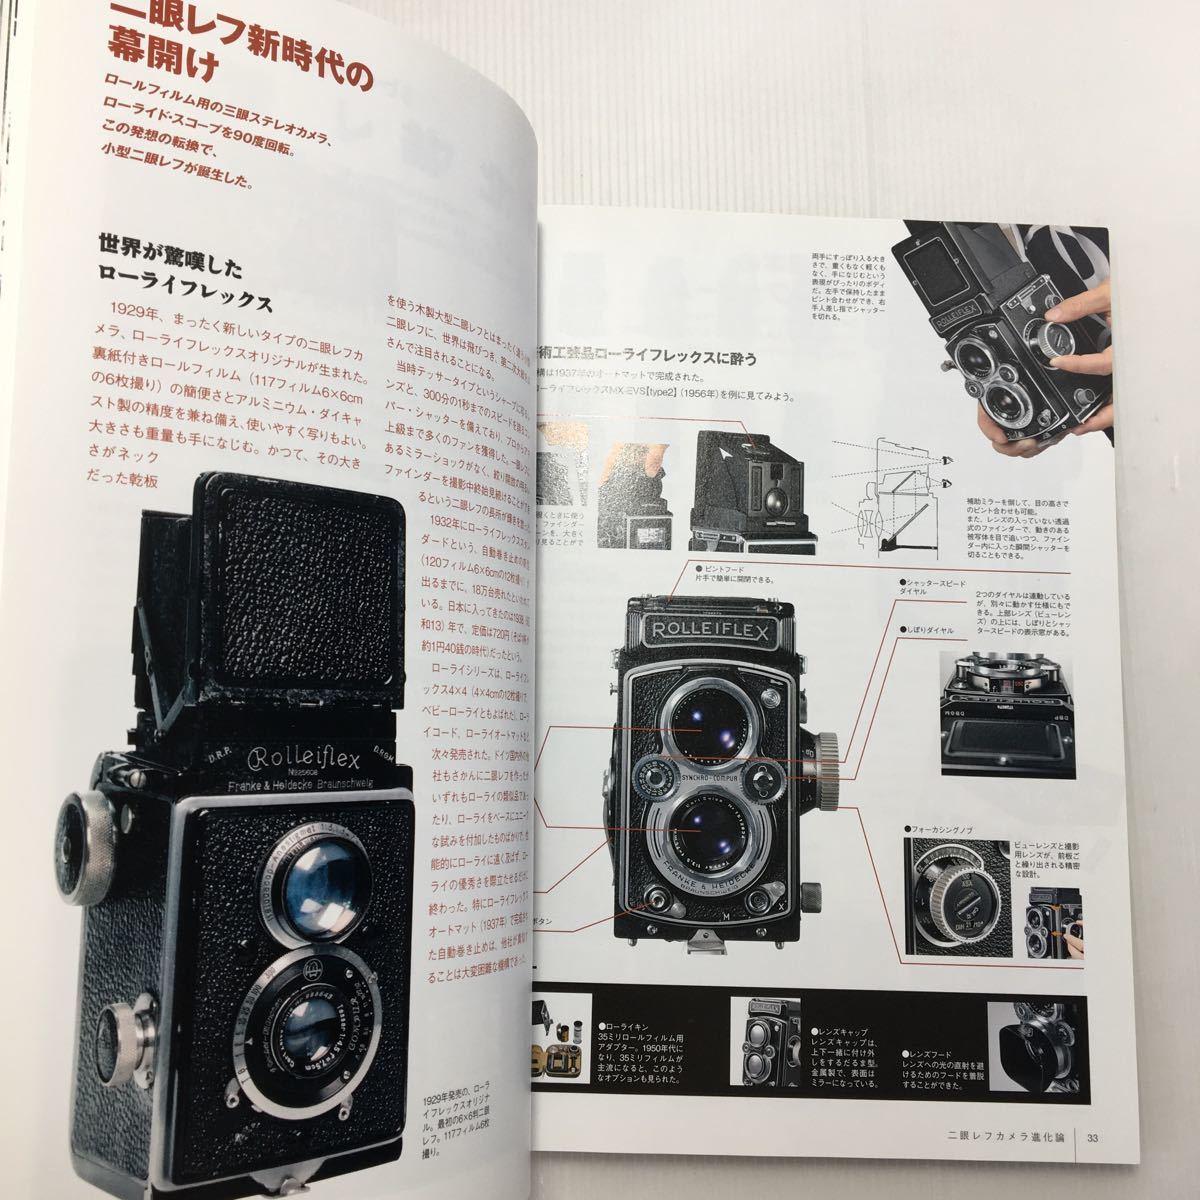 zaa-055★大人の科学マガジン Vol.25(二眼レフカメラ)学研ムック 大人の科学マガジンシリーズ《付録35mm二眼レフカメラは付きません》_画像6